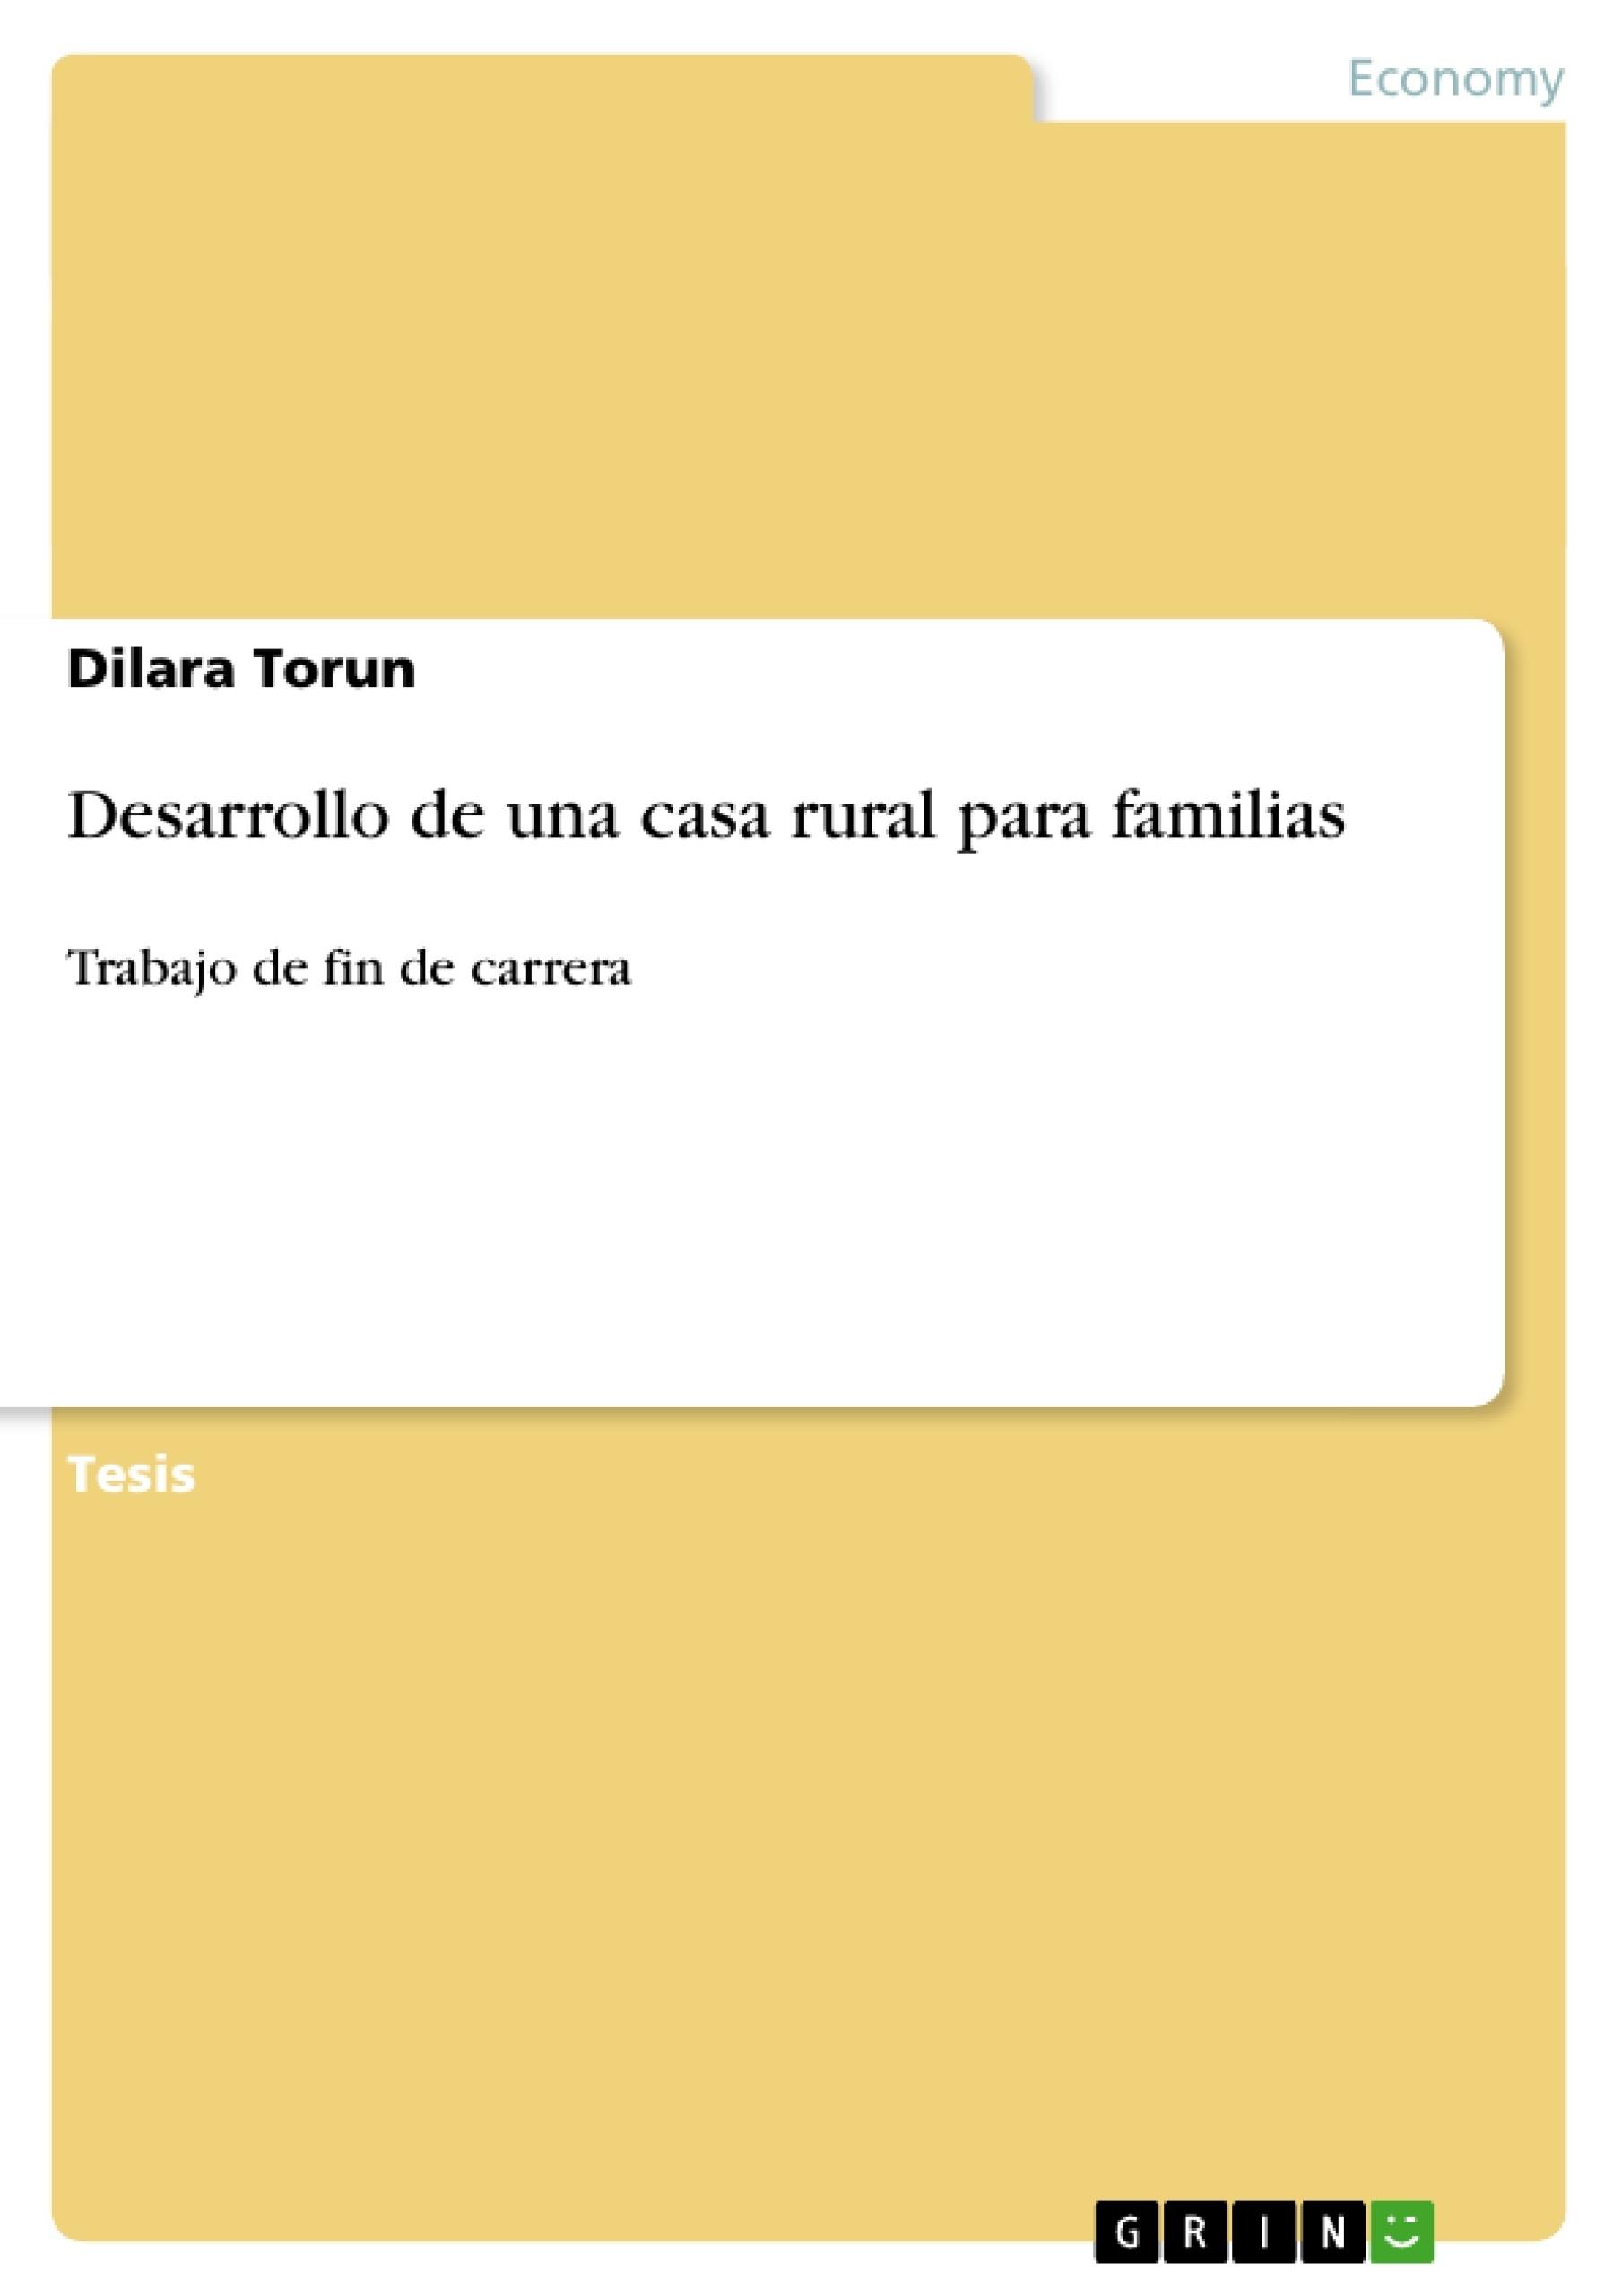 Título: Desarrollo de una casa rural para familias